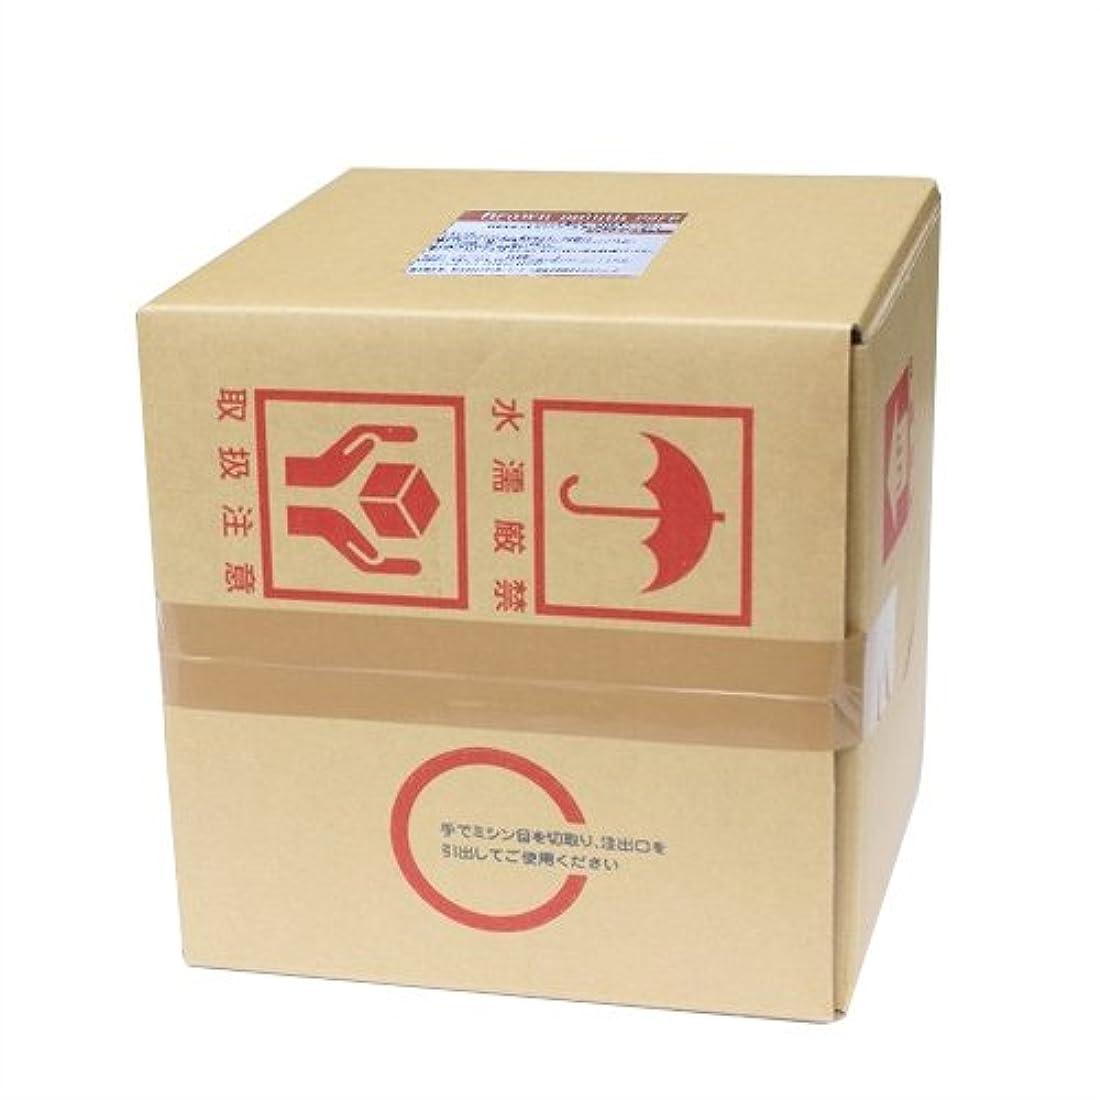 松明試験シダ業務用洗口液 ガーグル ブラウンマウスケア (Brown mouth care) 20倍濃縮タイプ 20L (詰め替えコック付き)